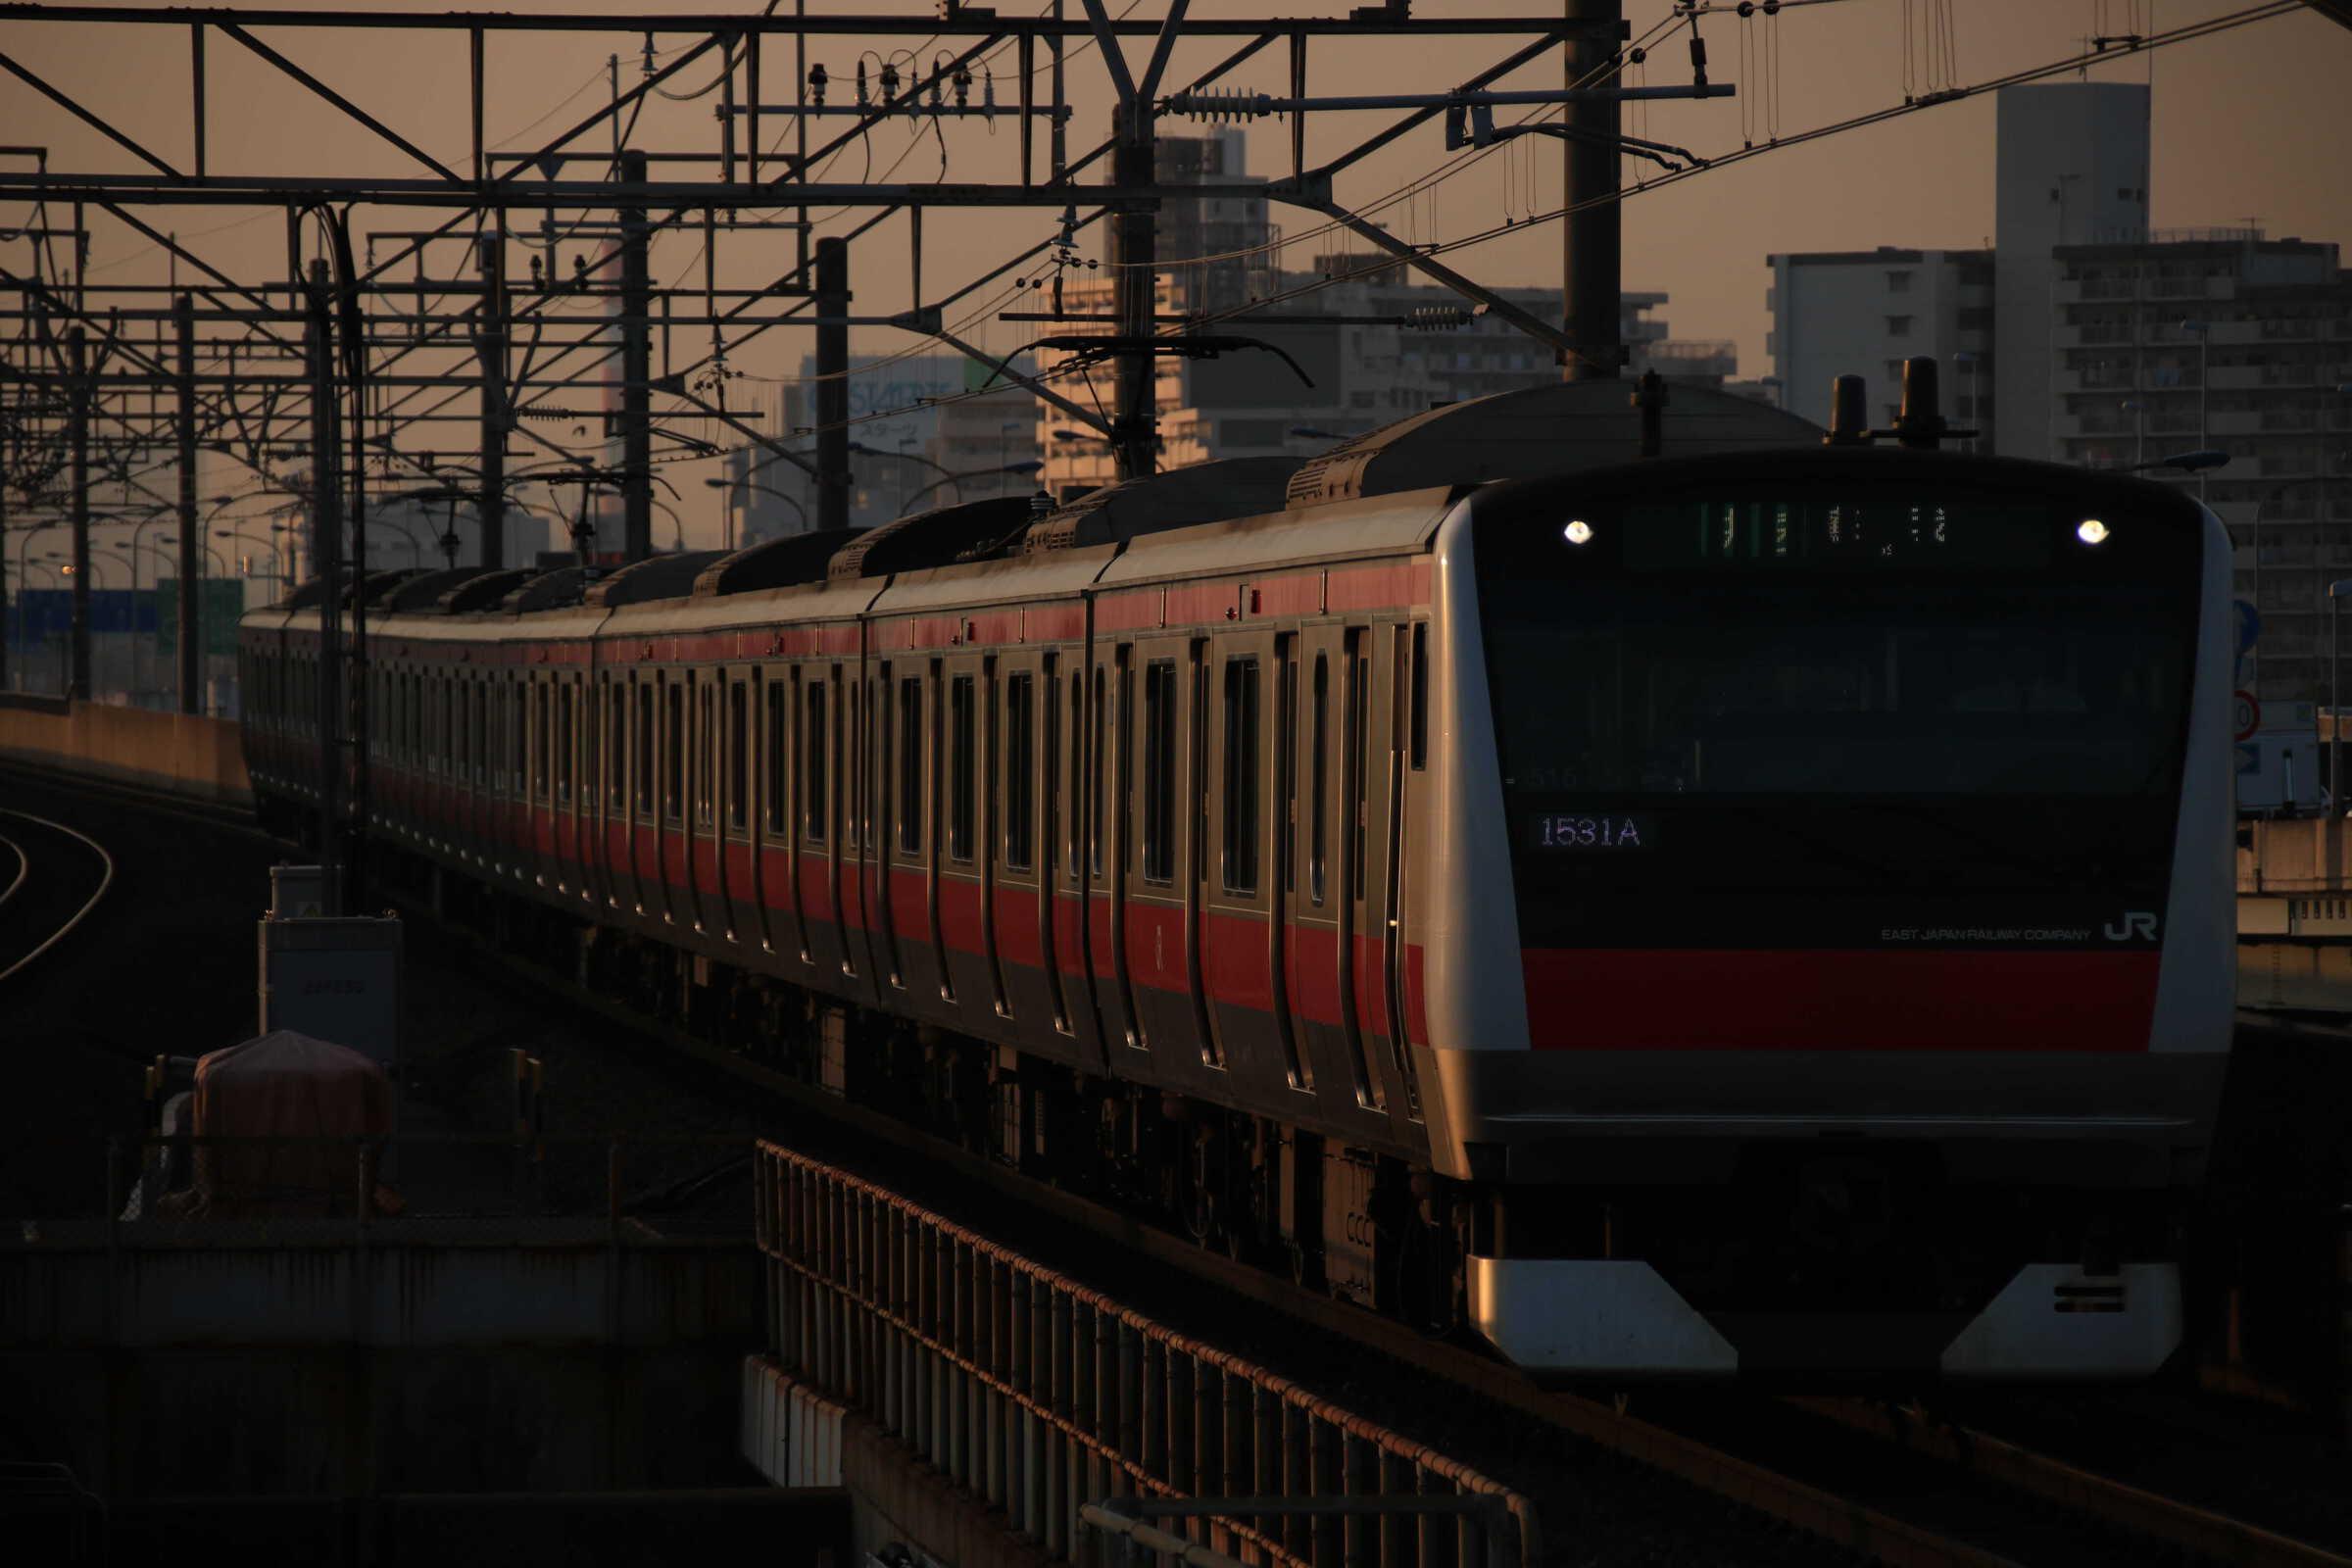 1531A E233系 千ケヨ515編成